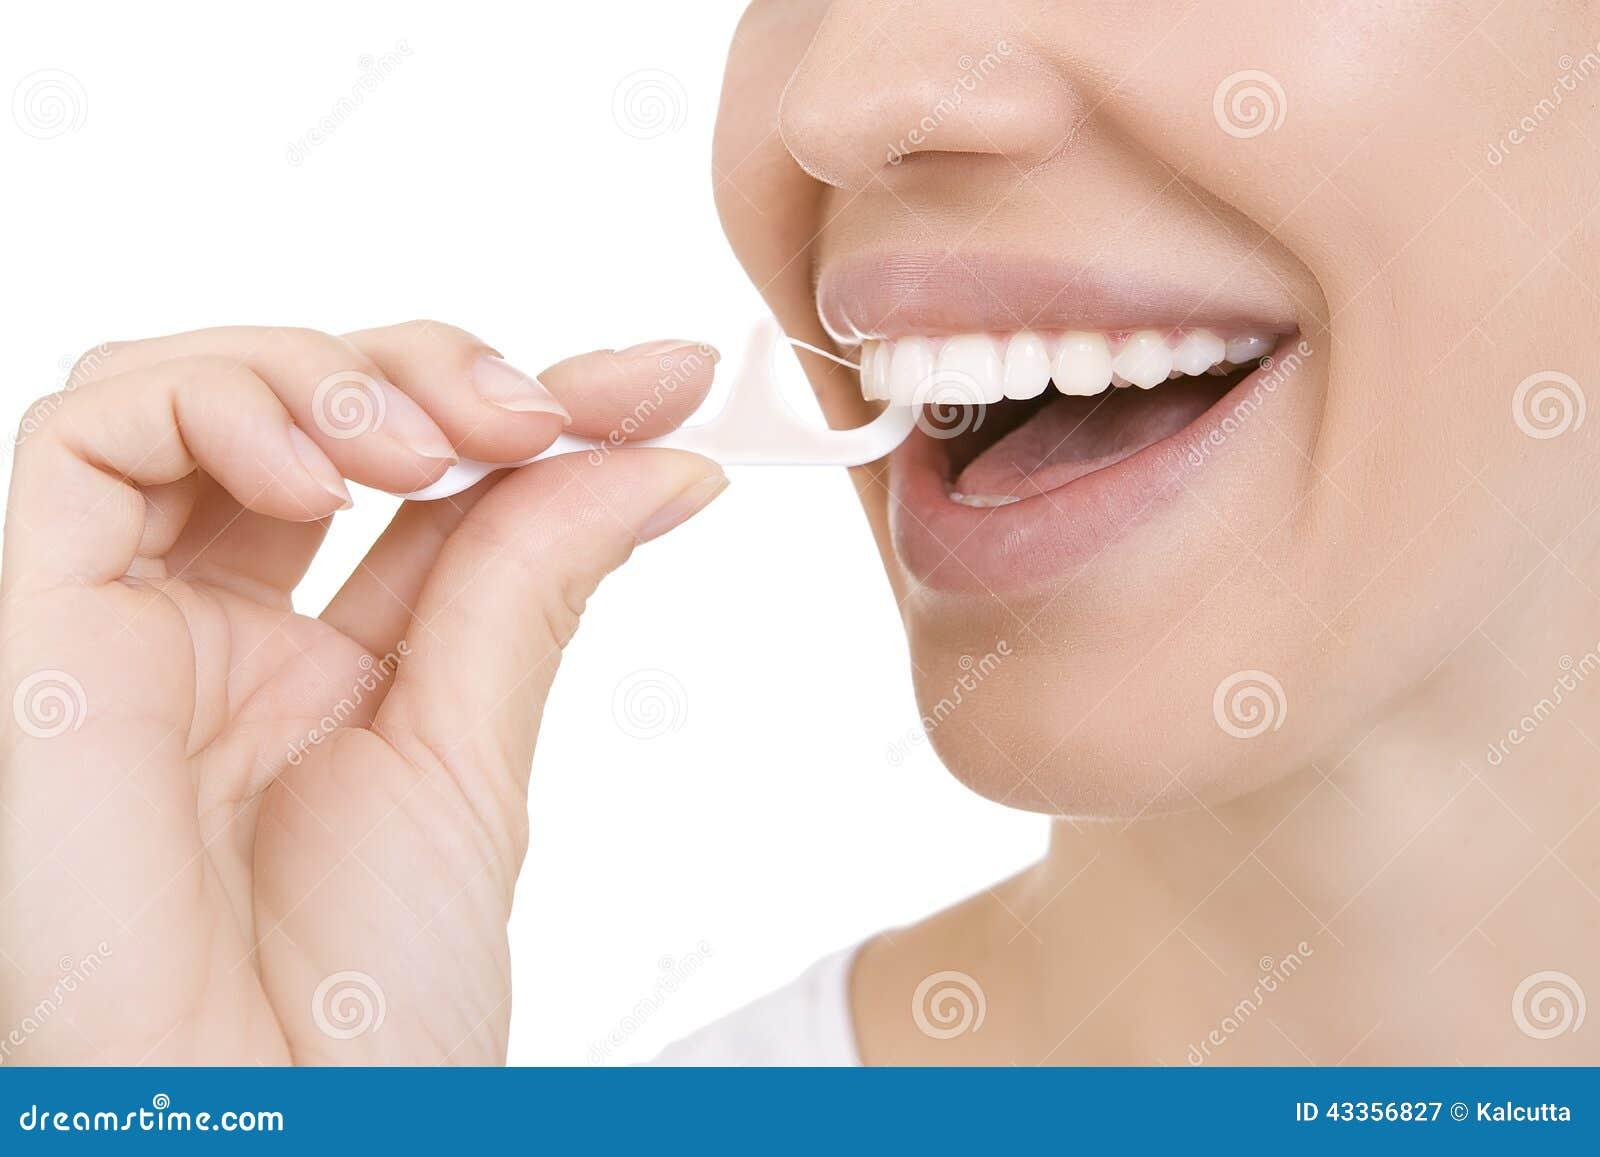 Женщина и зубочистка зубов (зубочистка)